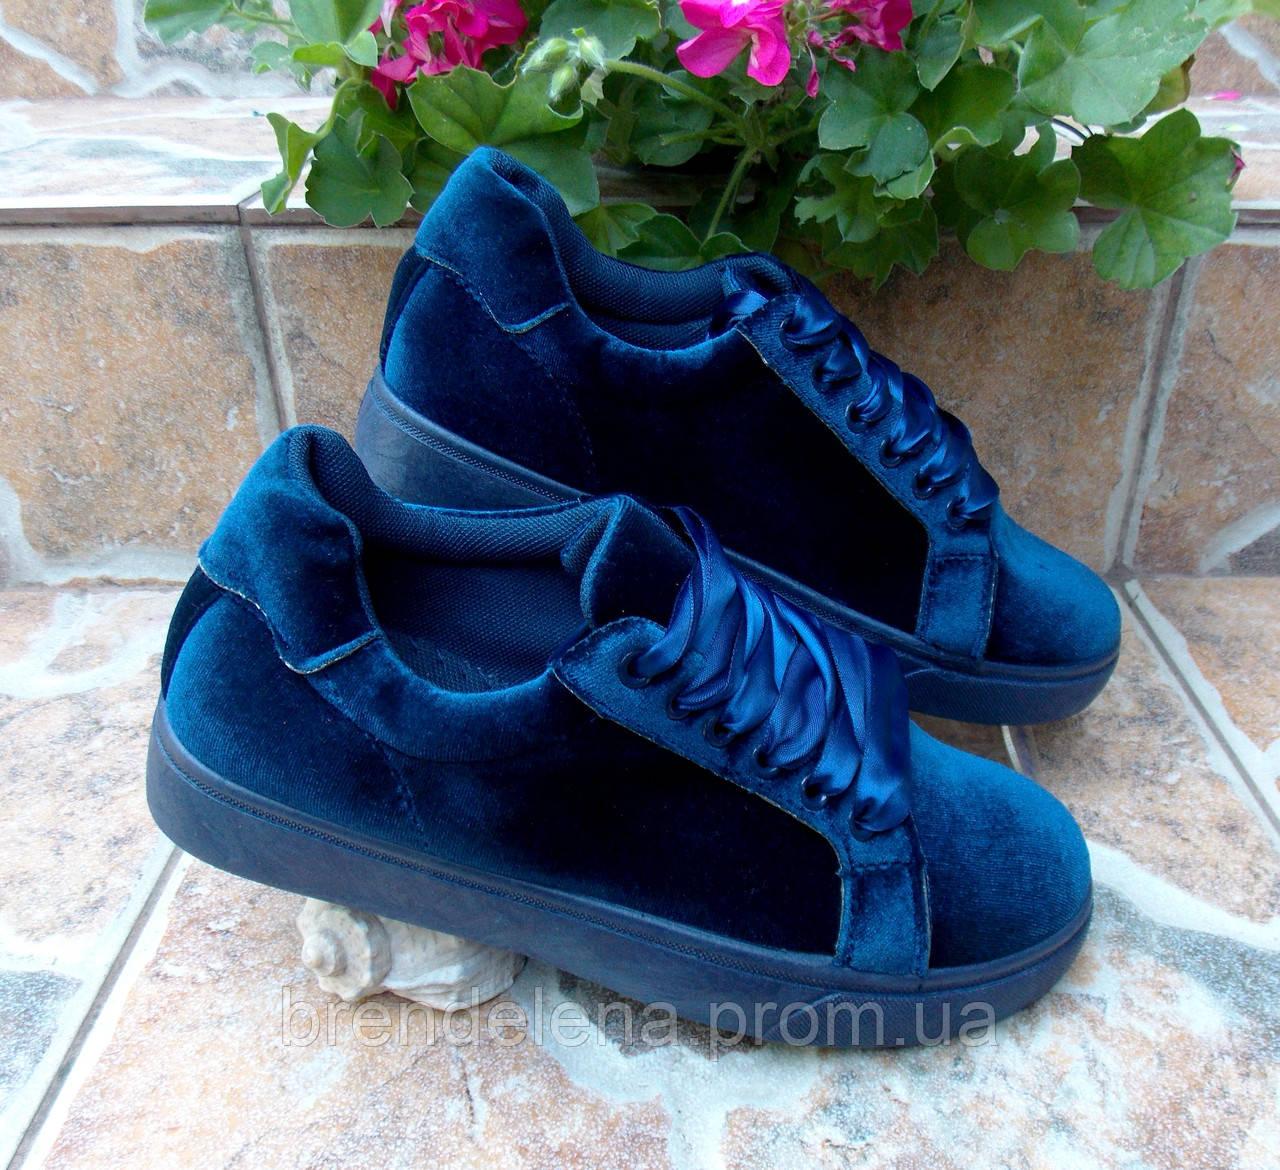 cdd05b325 Женские стильные велюровые кеды-кроссовки синие р 36-38 - интернет-магазин